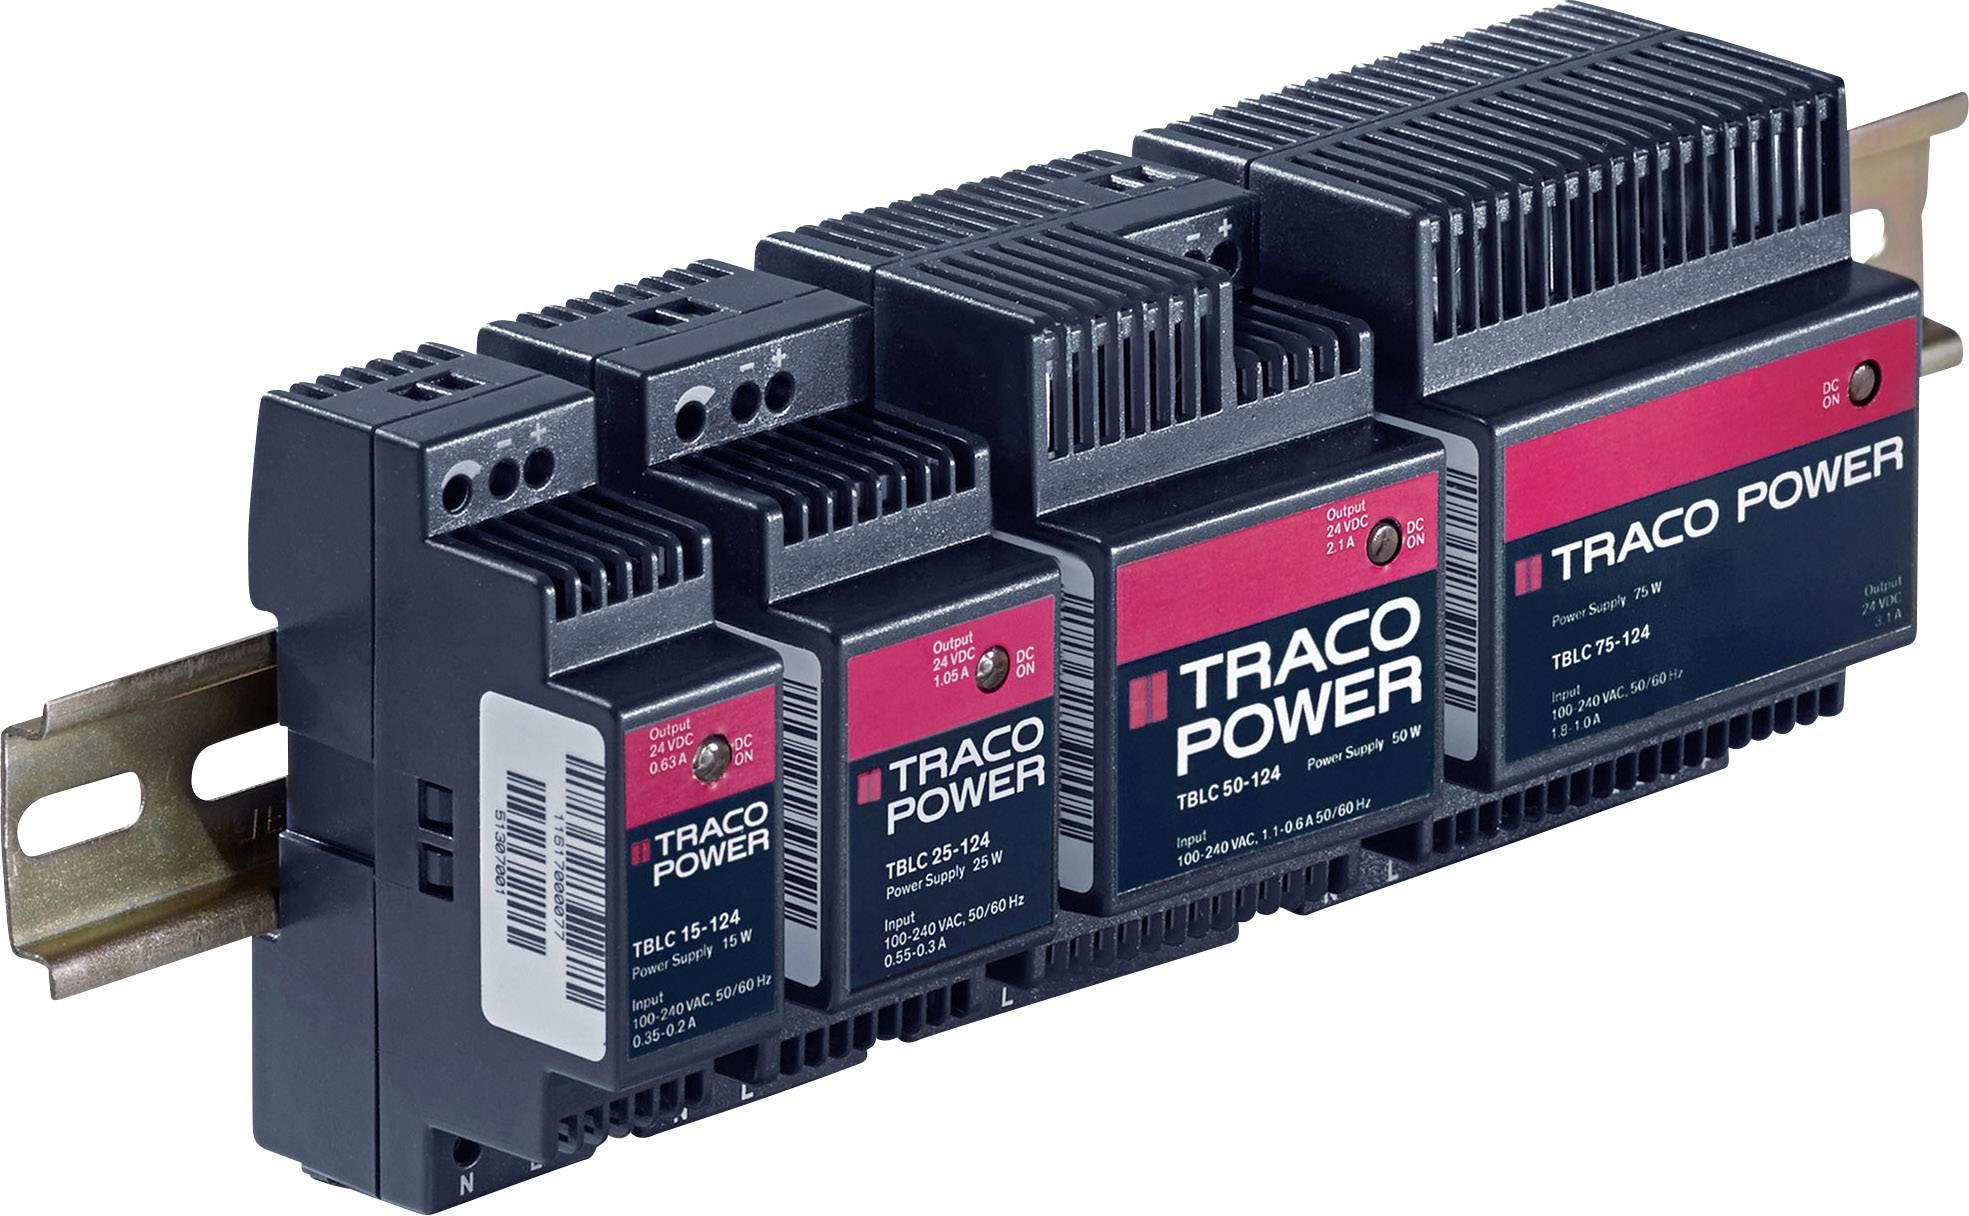 Síťový zdroj na DIN lištu TracoPower TBLC 06-112, +16 V/DC, 500 mA, 6 W